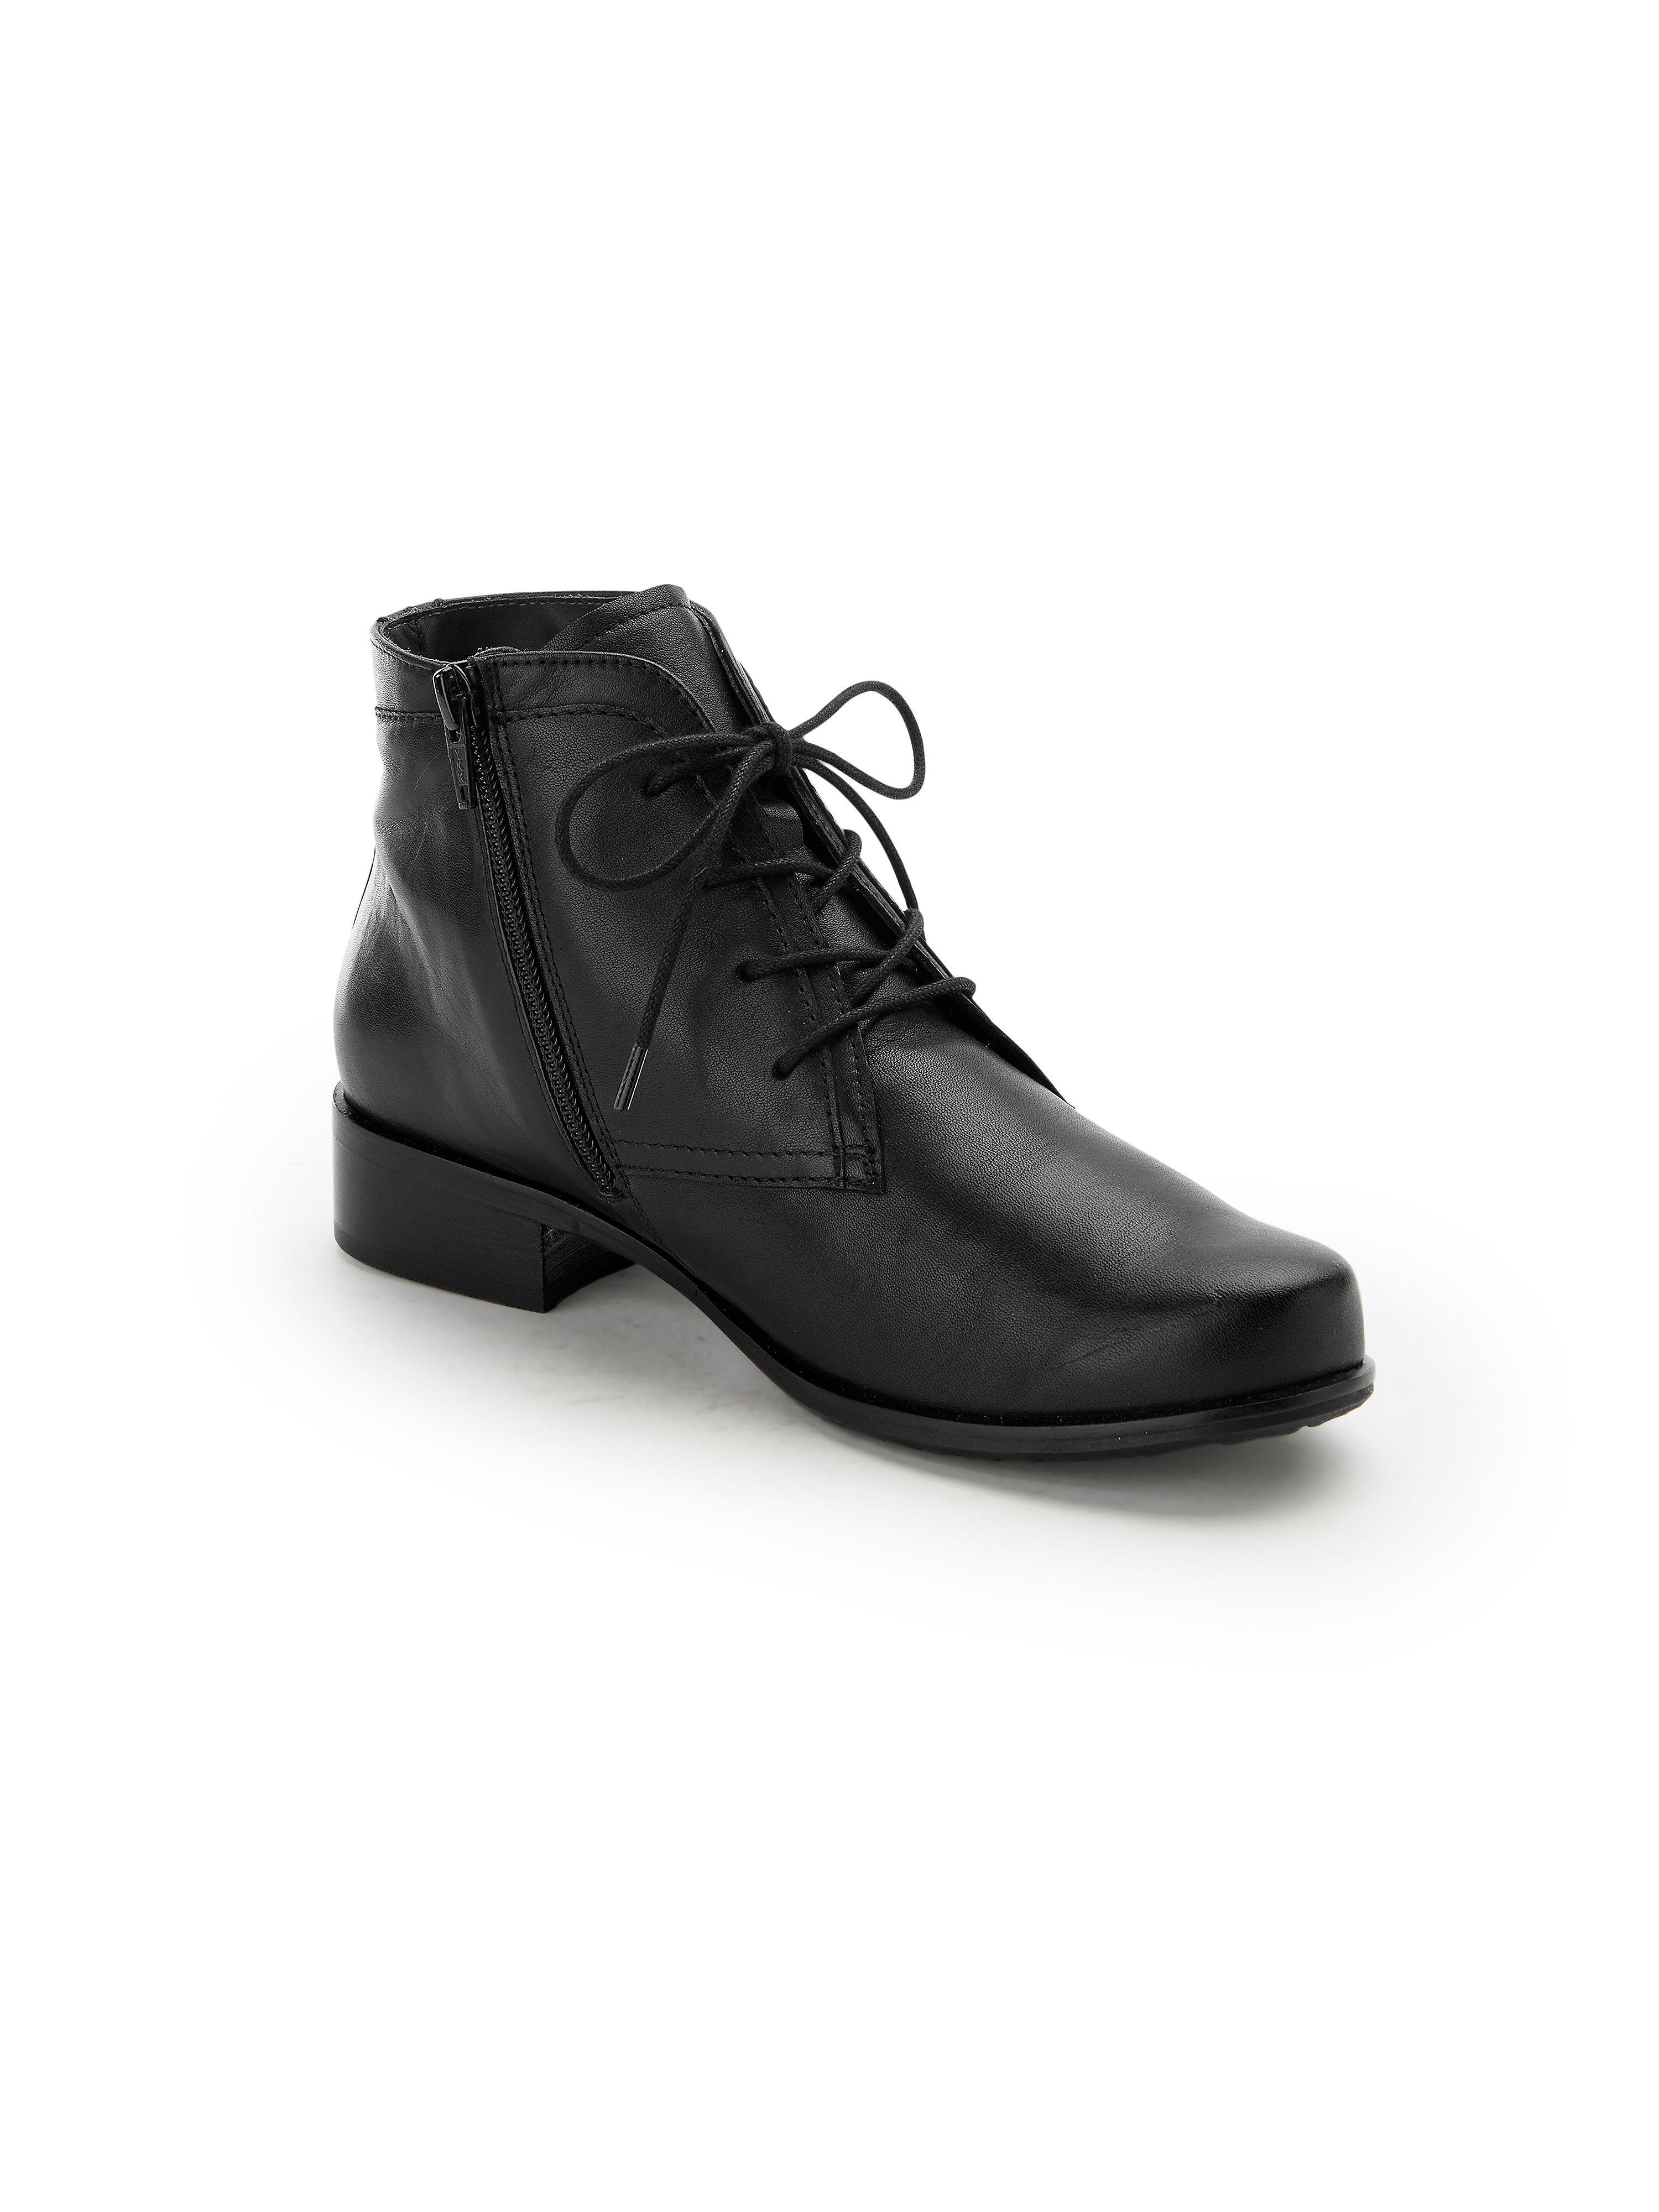 """Semler - Schnür-Stiefelette """"Amy"""" - Schwarz Gute Qualität beliebte Schuhe"""